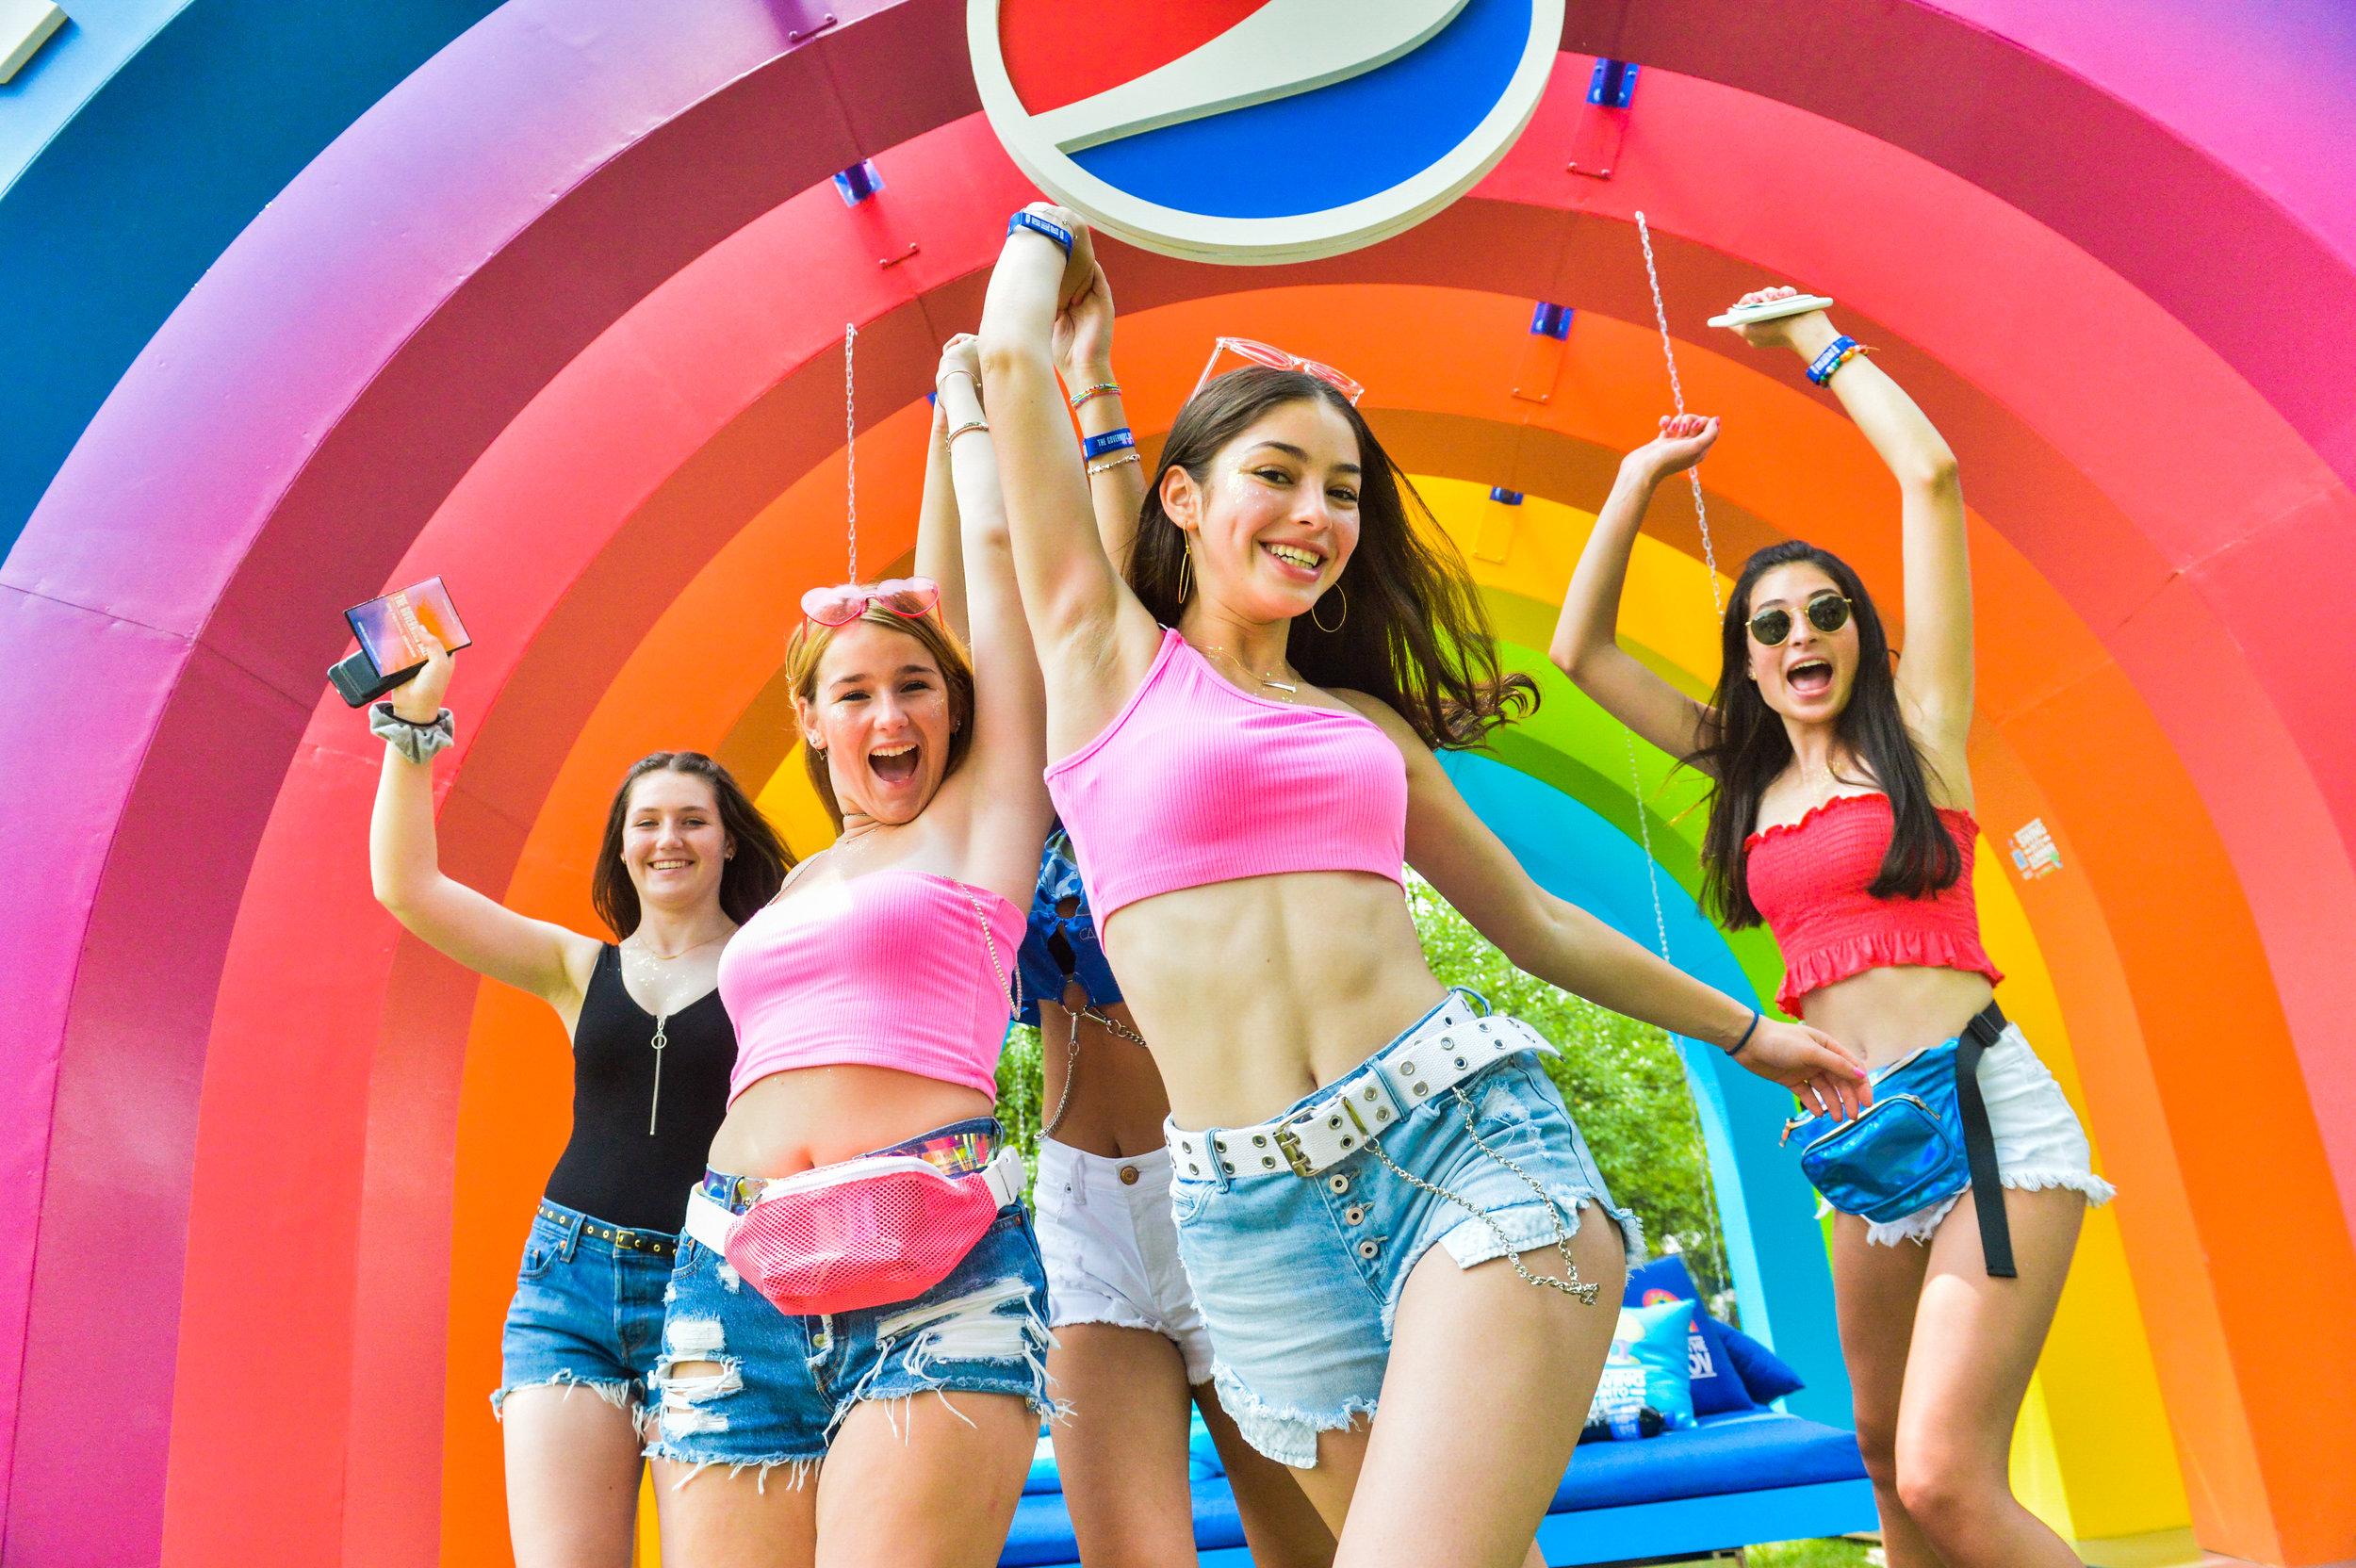 OHelloMedia-Pepsi-Governor'sBallFestival-FullTake--135.jpg